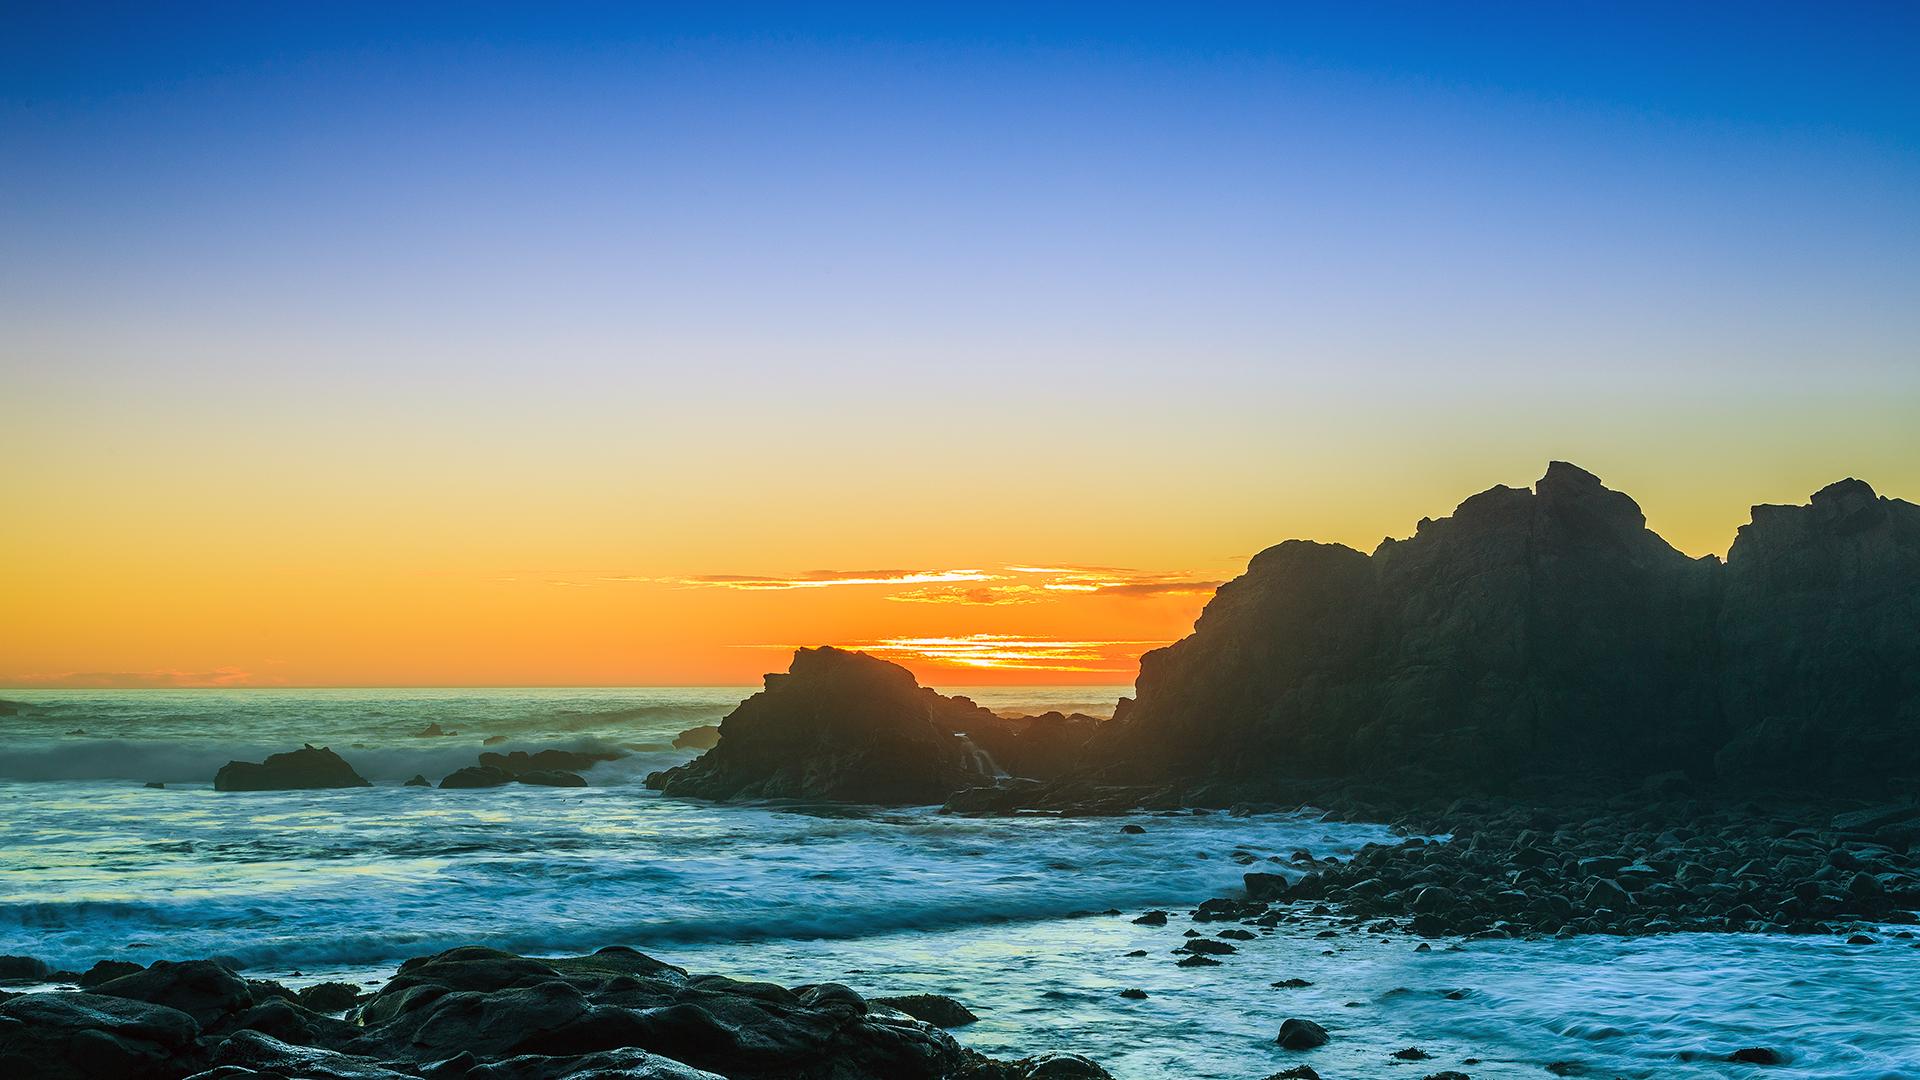 Tapasztald meg a belső Csendet! – ismertető előadás a Transzcendentális Meditációról